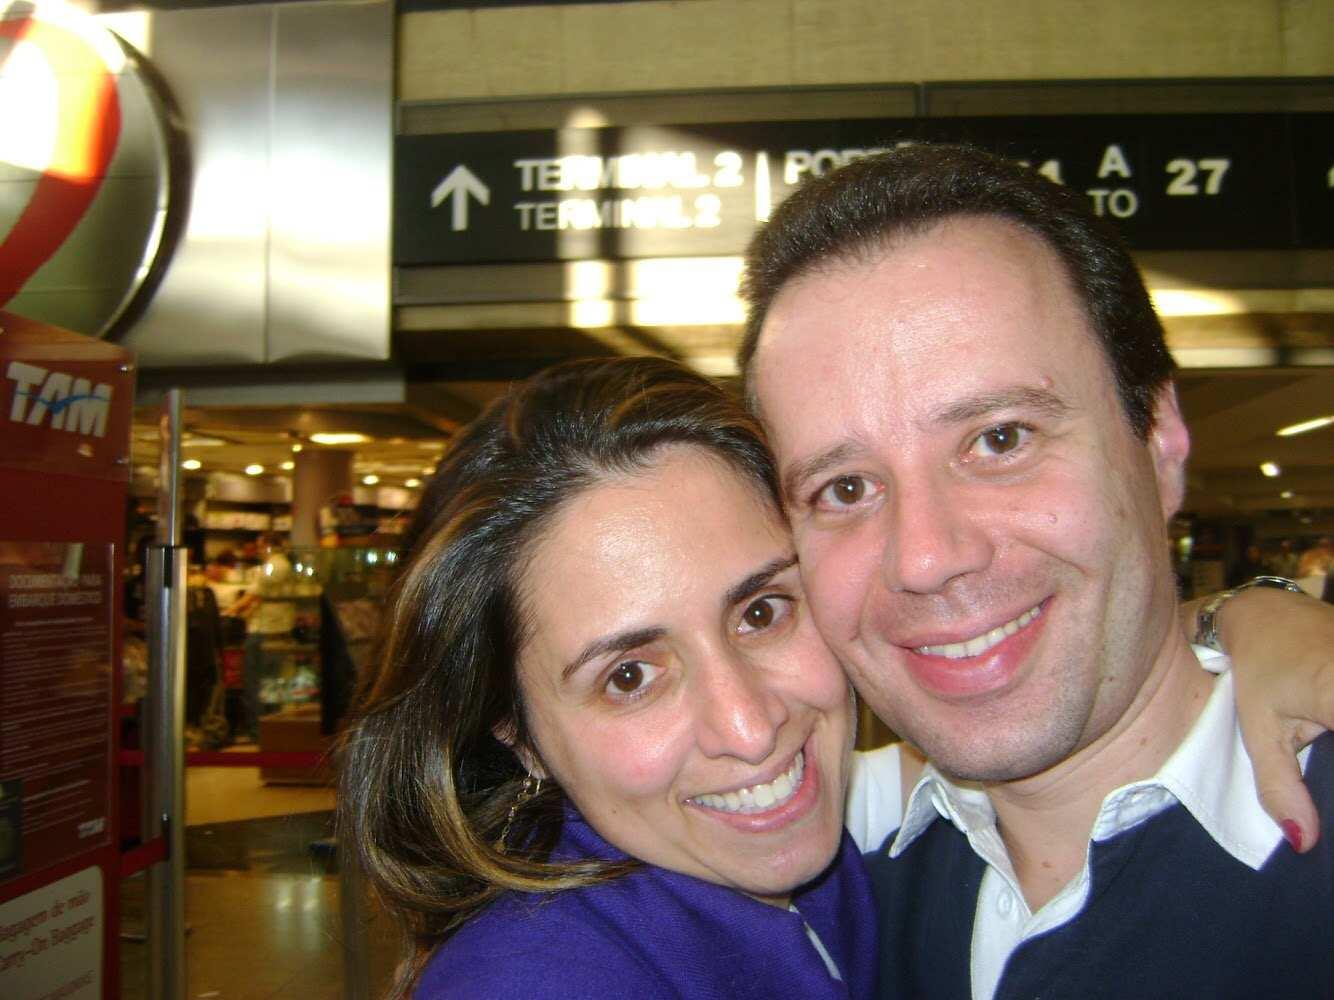 Viva!  Mamãe e papai também viajam (sozinhos!)